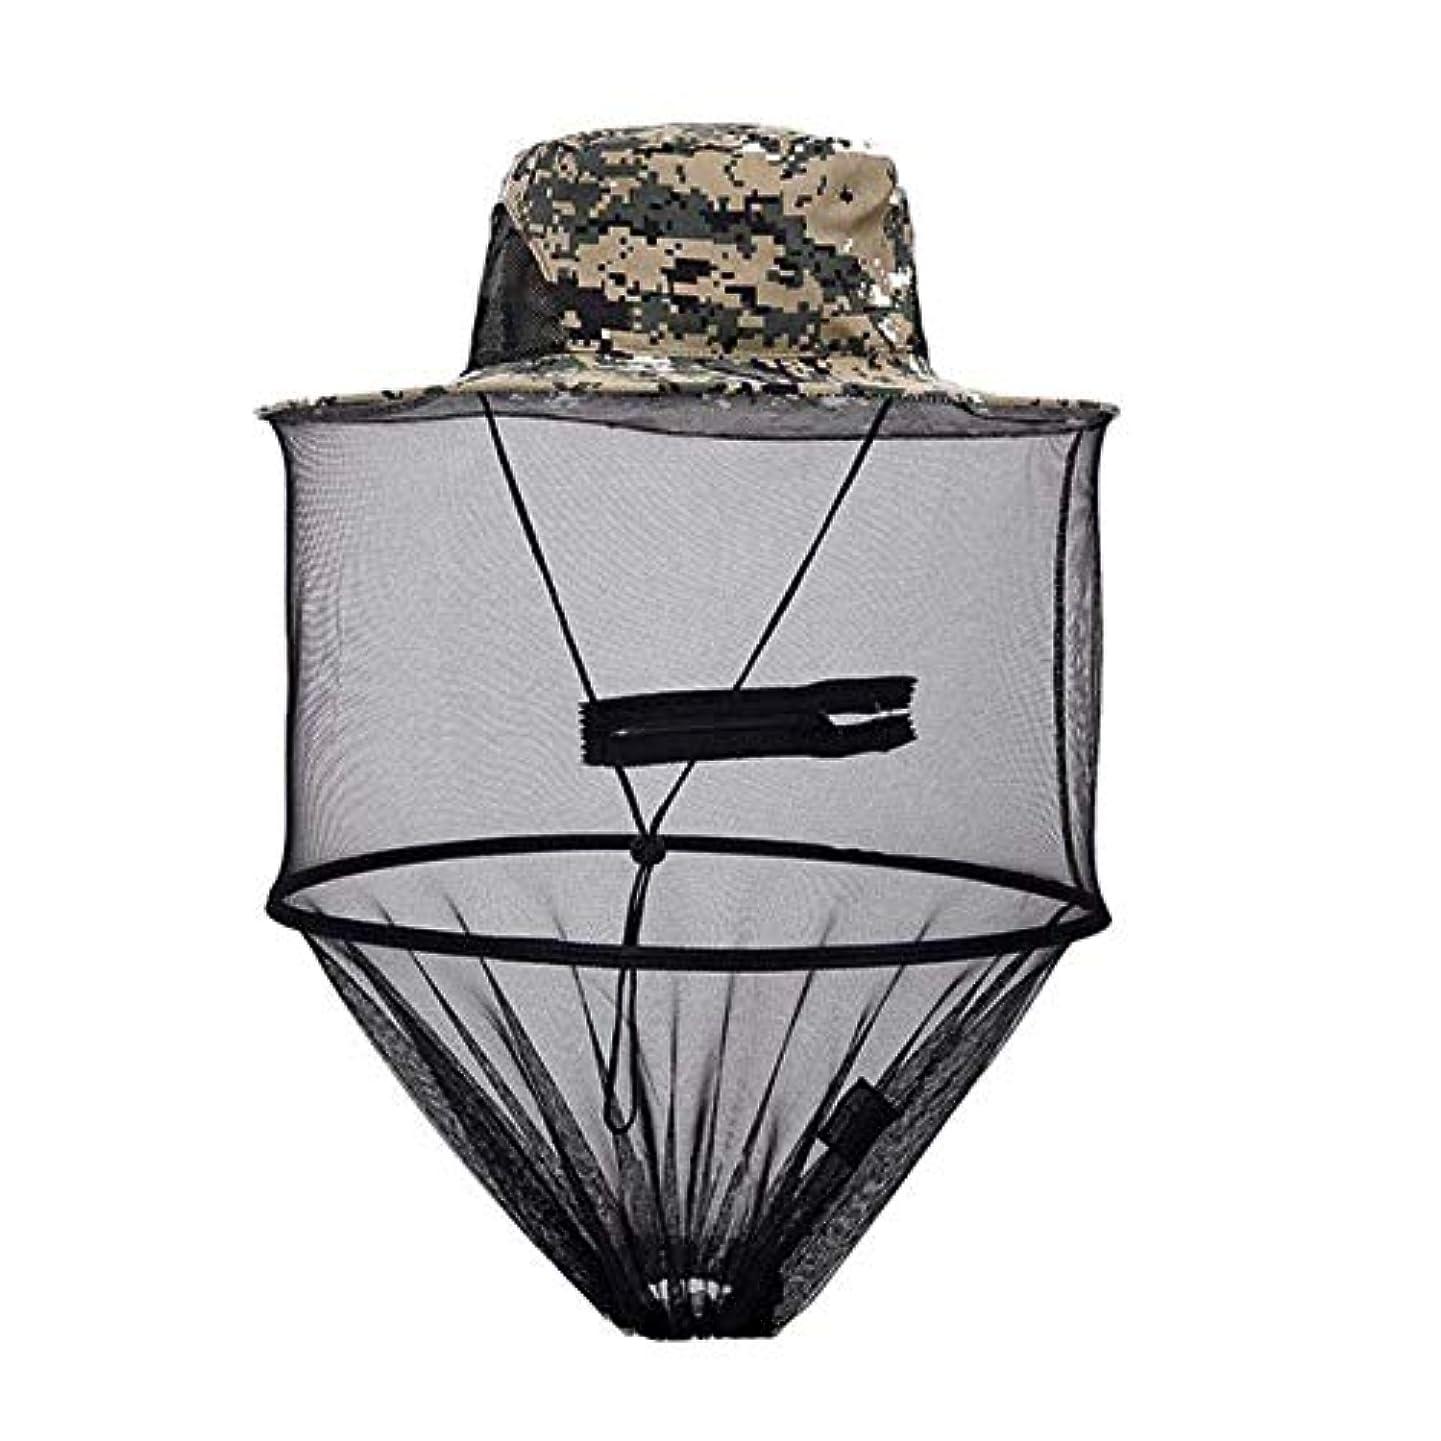 引き金成熟やがてSaikogoods アウトドアキャンプハイキング狩猟のためにネットメッシュ?ヘッドフェイスプロテクター 釣りの帽子蚊キャップ ミッジフライバグ昆虫蜂ハット デジタル迷彩